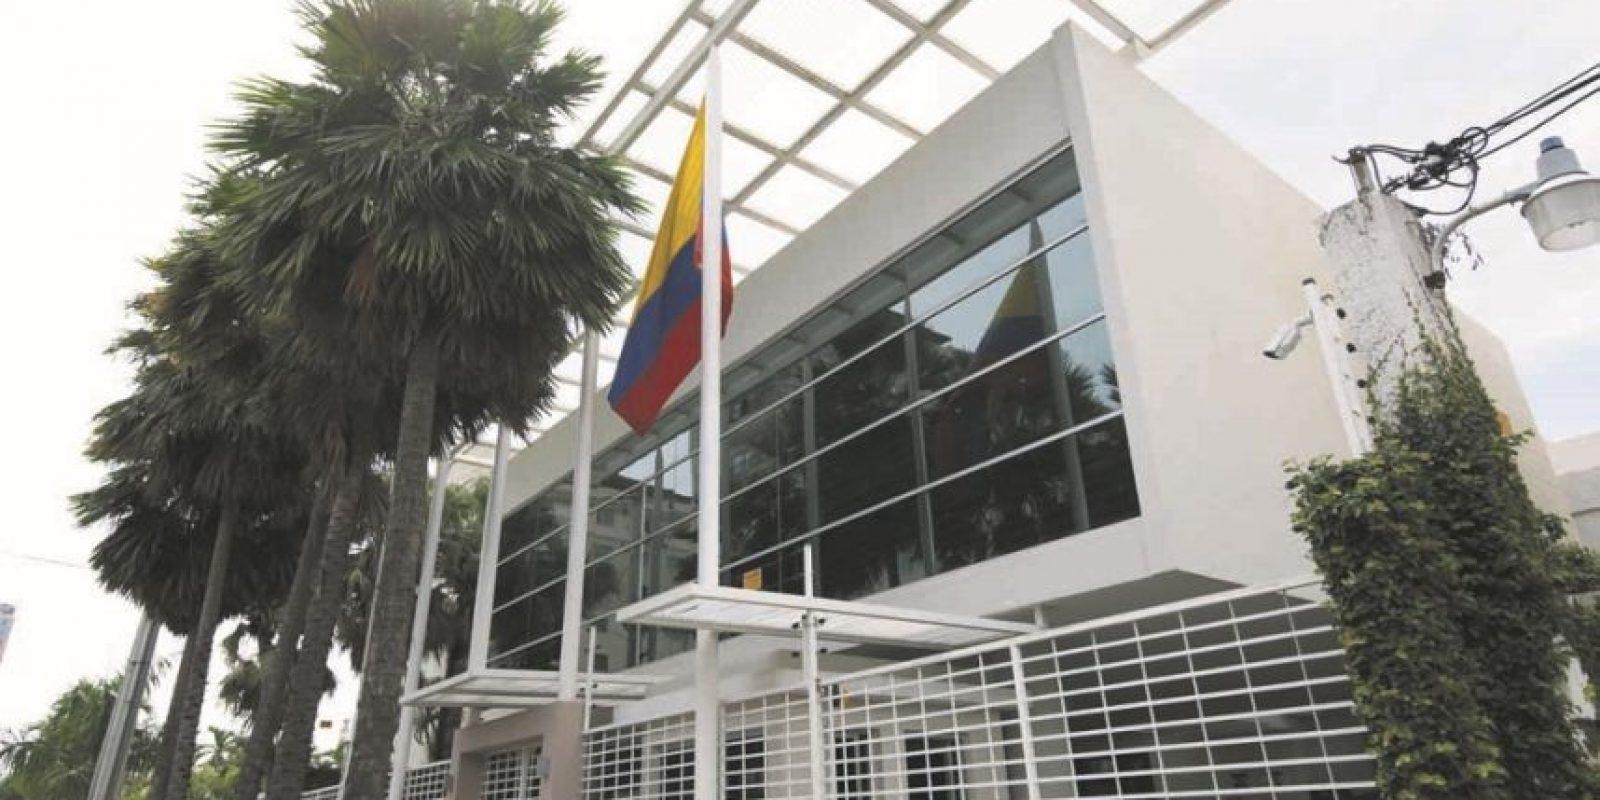 En la Embajada de Colombia habrá cuatro mesas para el sufragio desde las 8:00 de la mañana hasta las 4:00 de la tarde. Foto:Roberto Guzmán